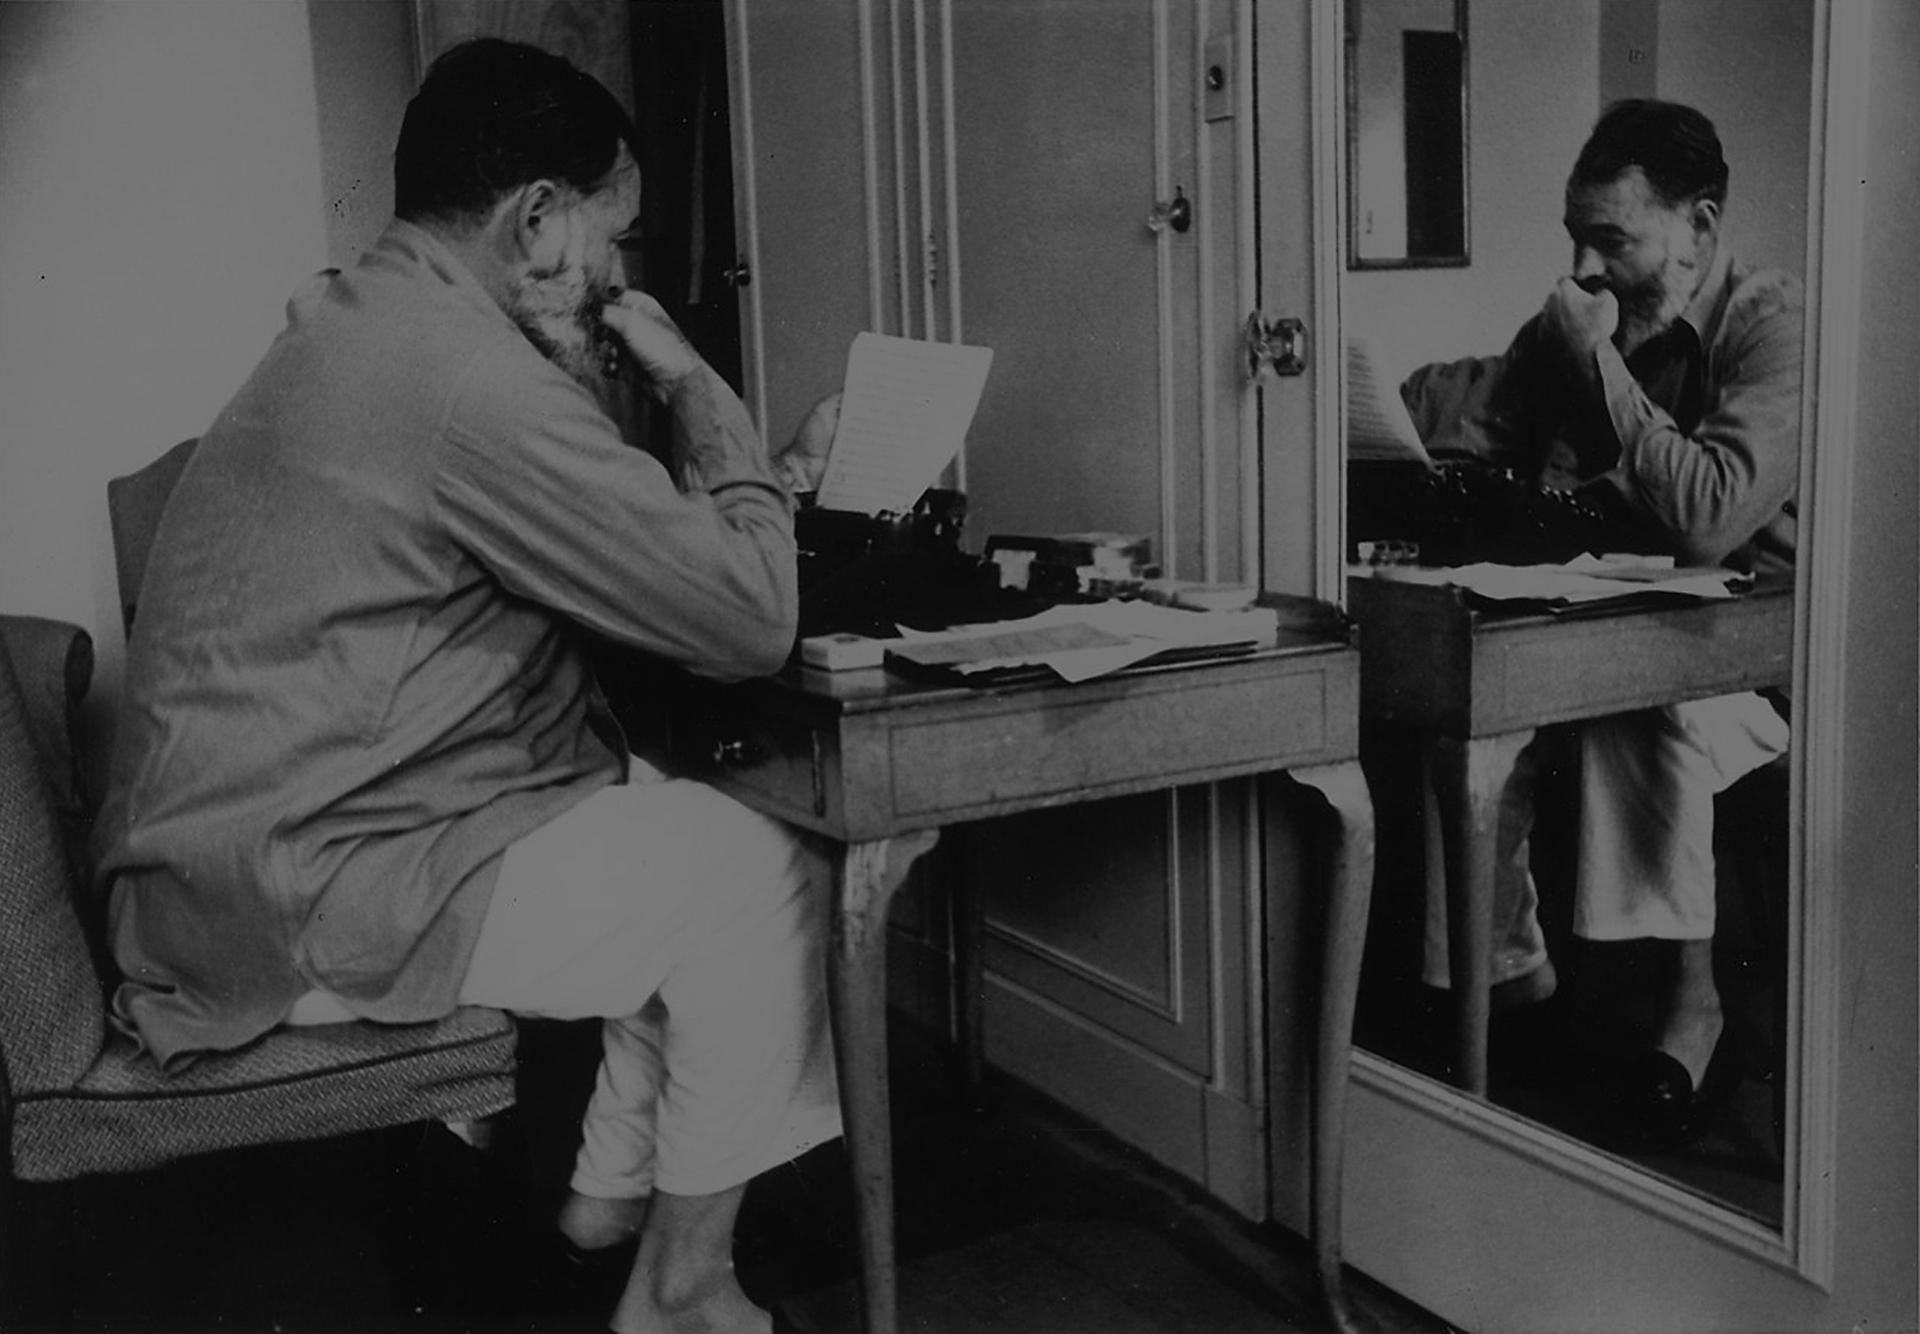 Premio giornalistico Hemingway